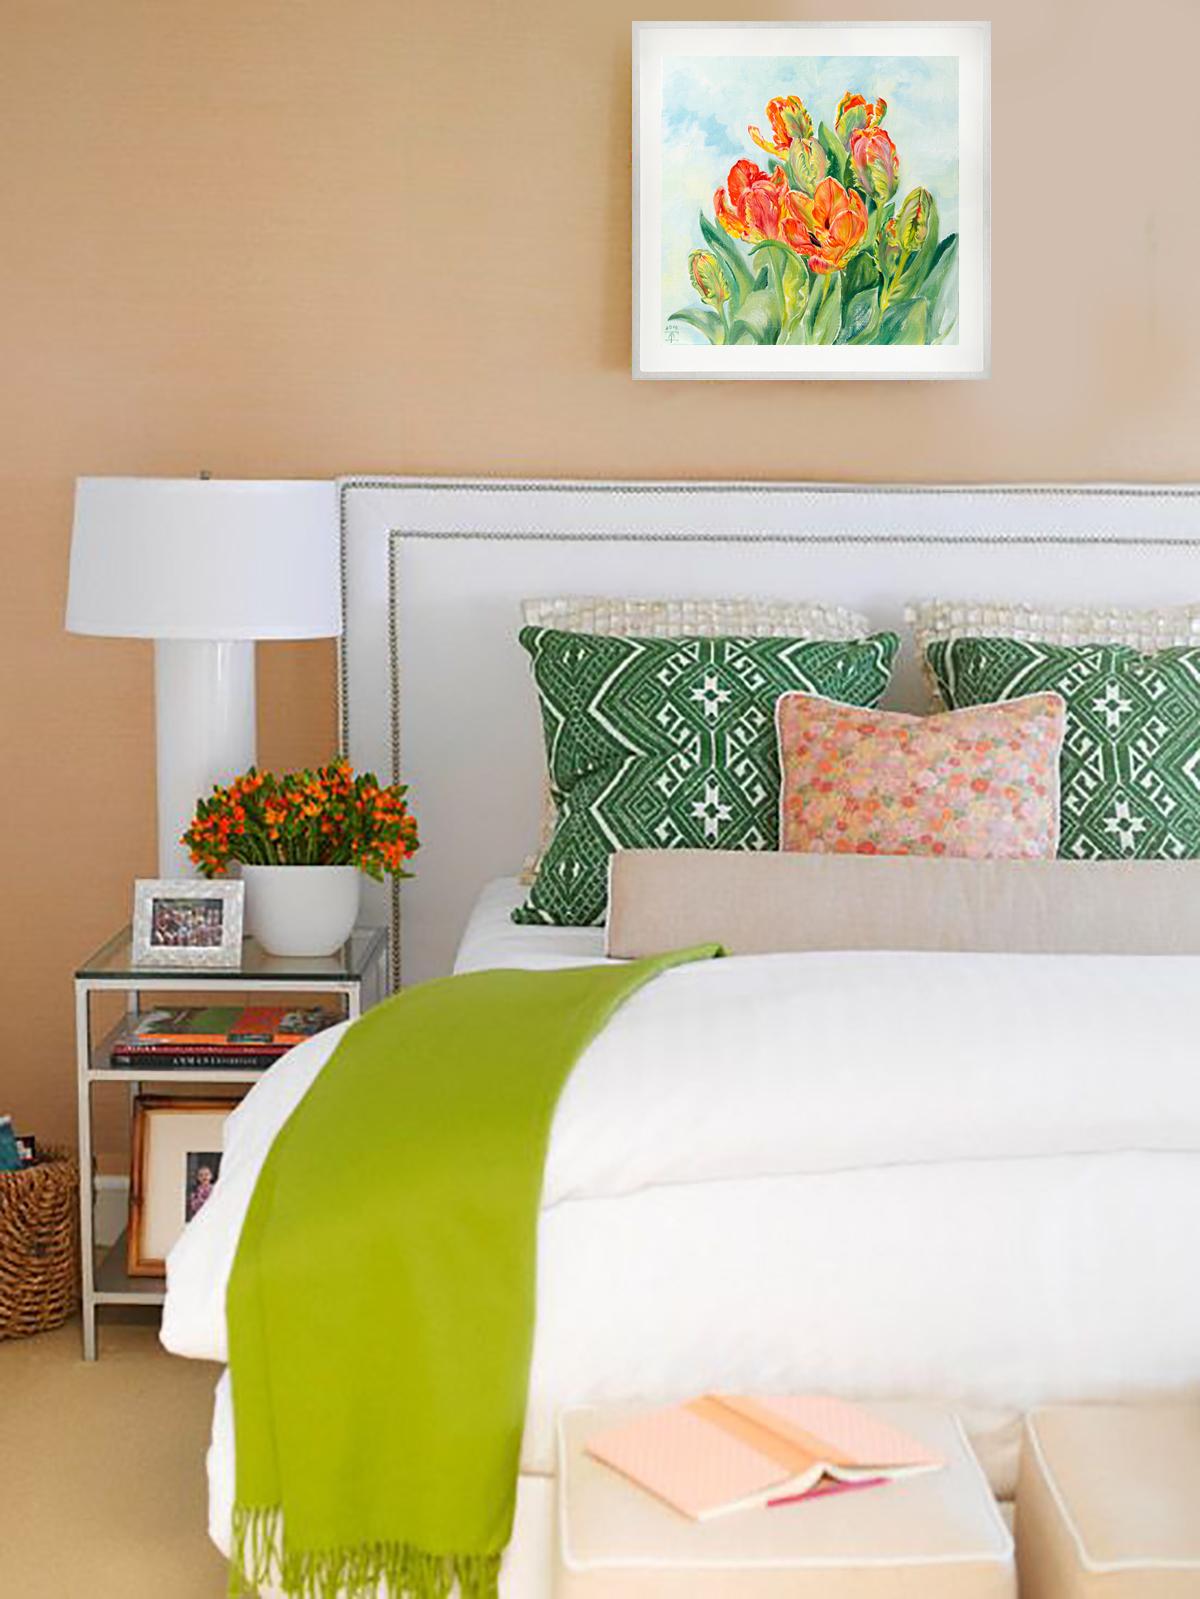 bedroom color schemes bedroom color schemes Bedroom Color Schemes for Springtime f899c84159cd5ed5f8b615efbd5dbd85 2